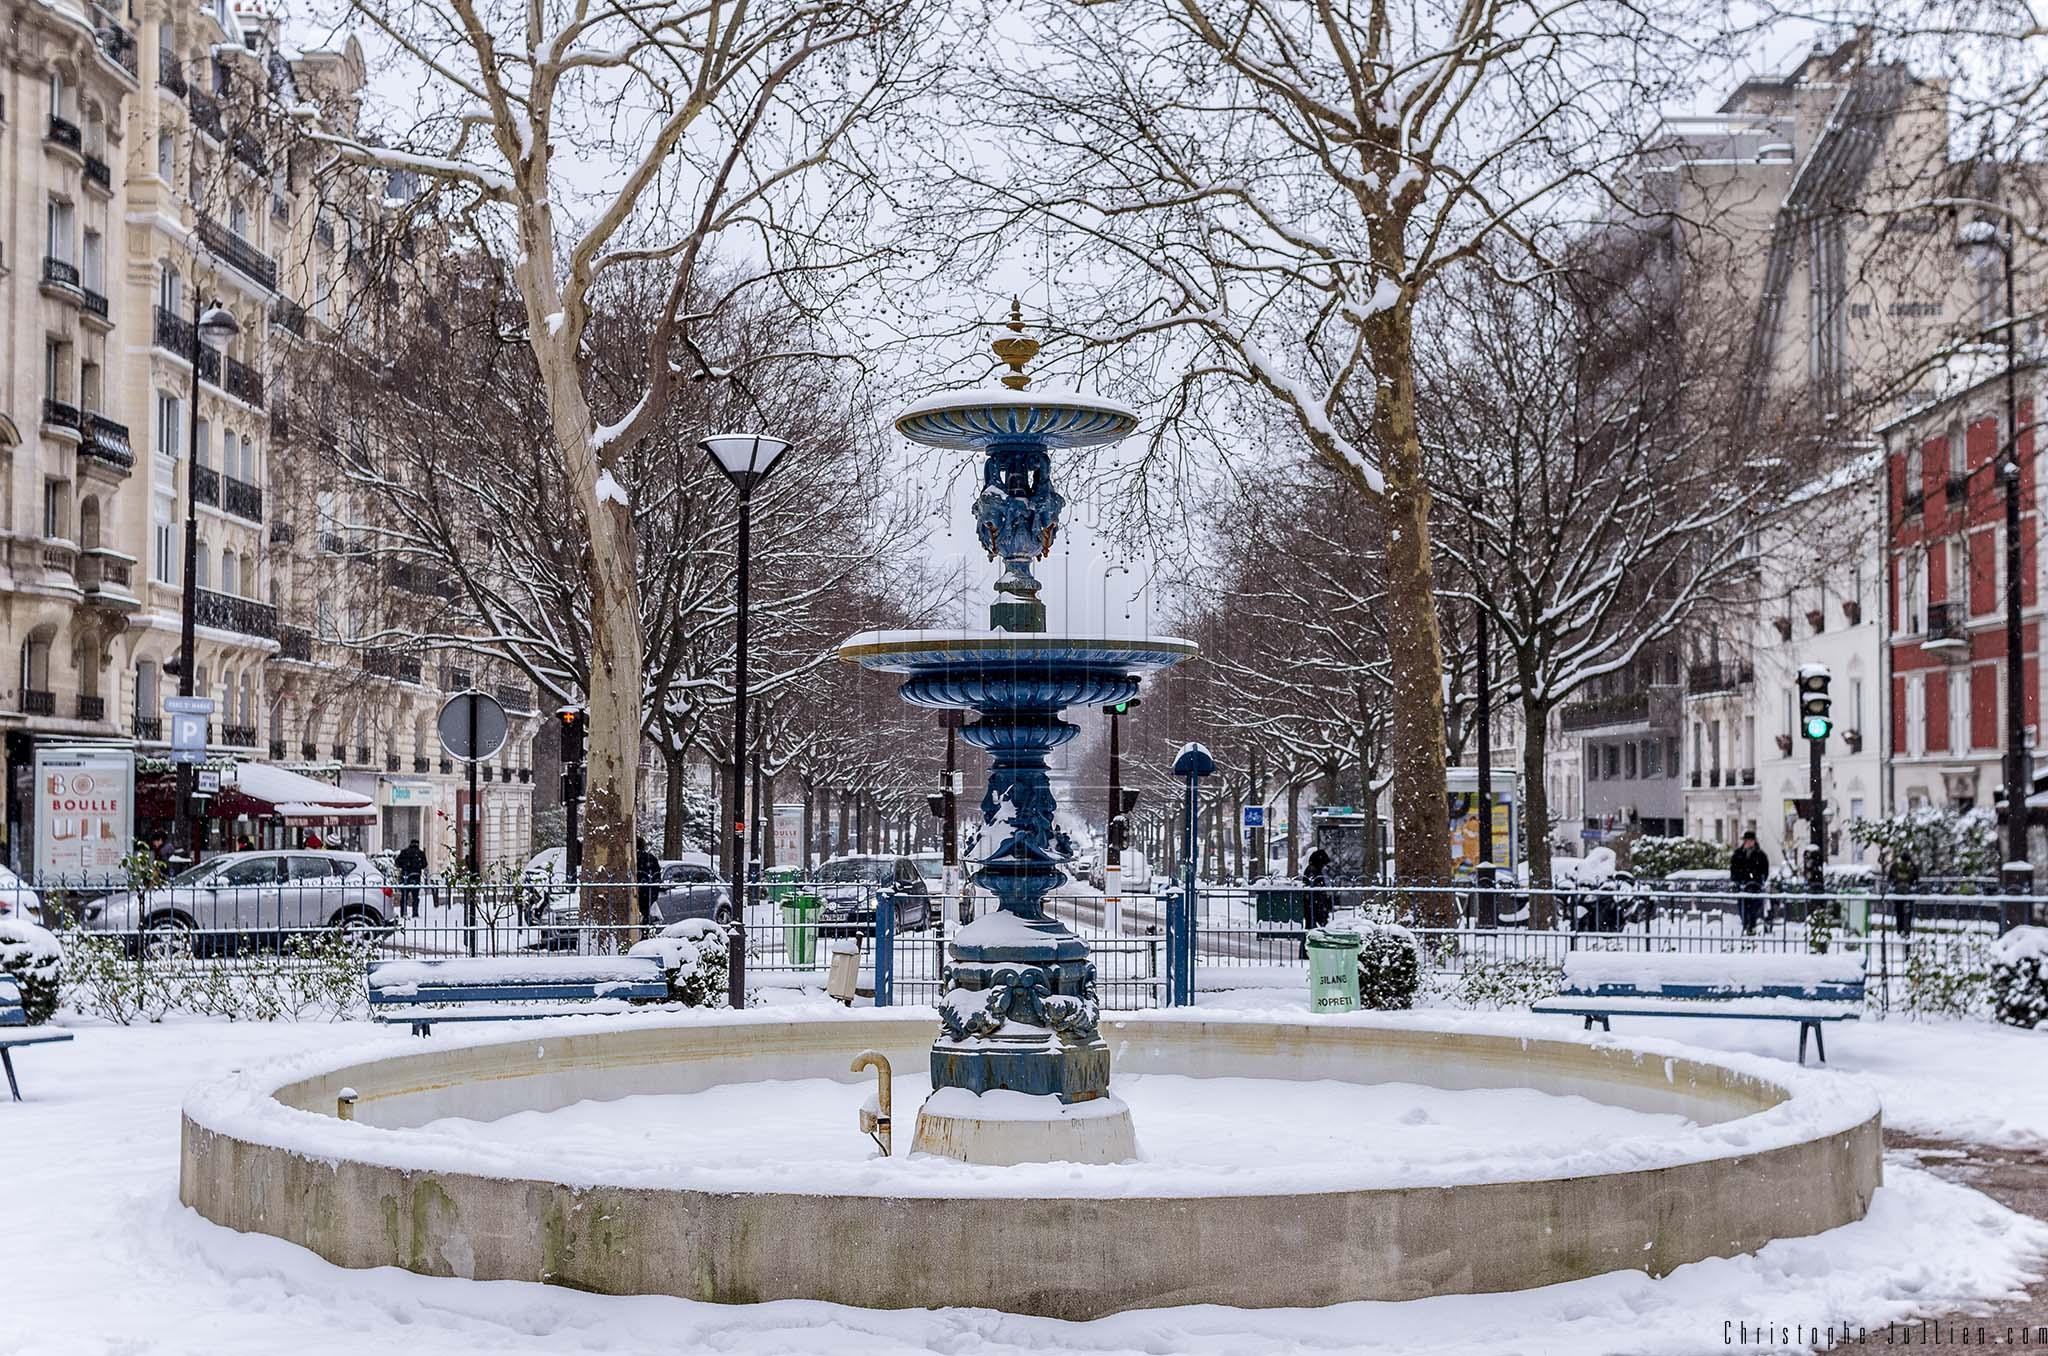 El desaf o clim tico el invierno en francia les e - Raine des neige ...